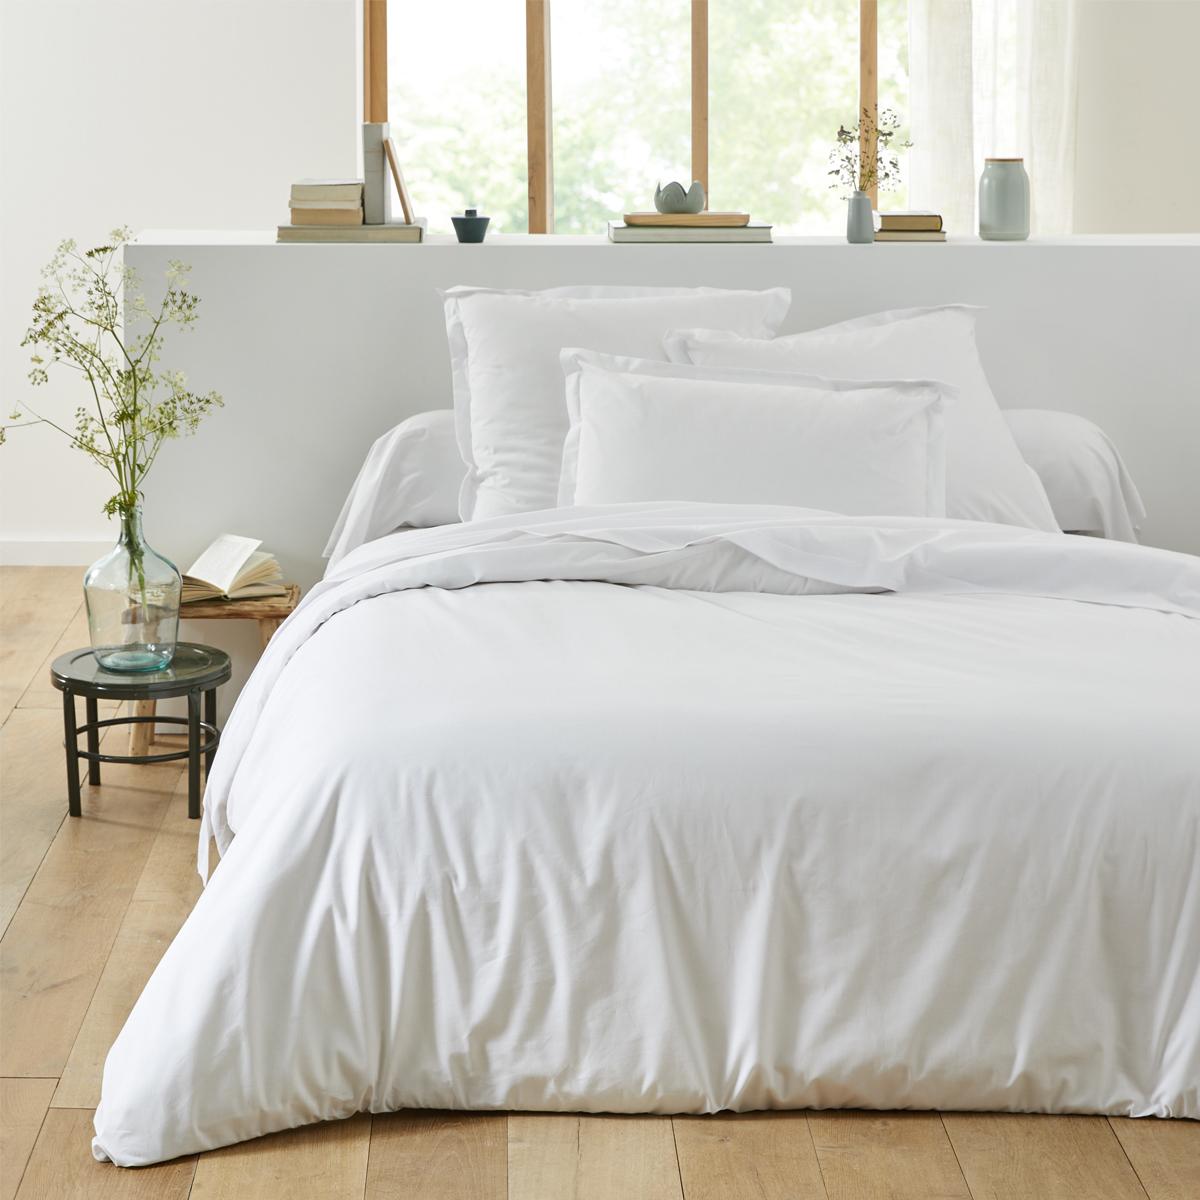 Housse de couette unie en coton blanc 200x200